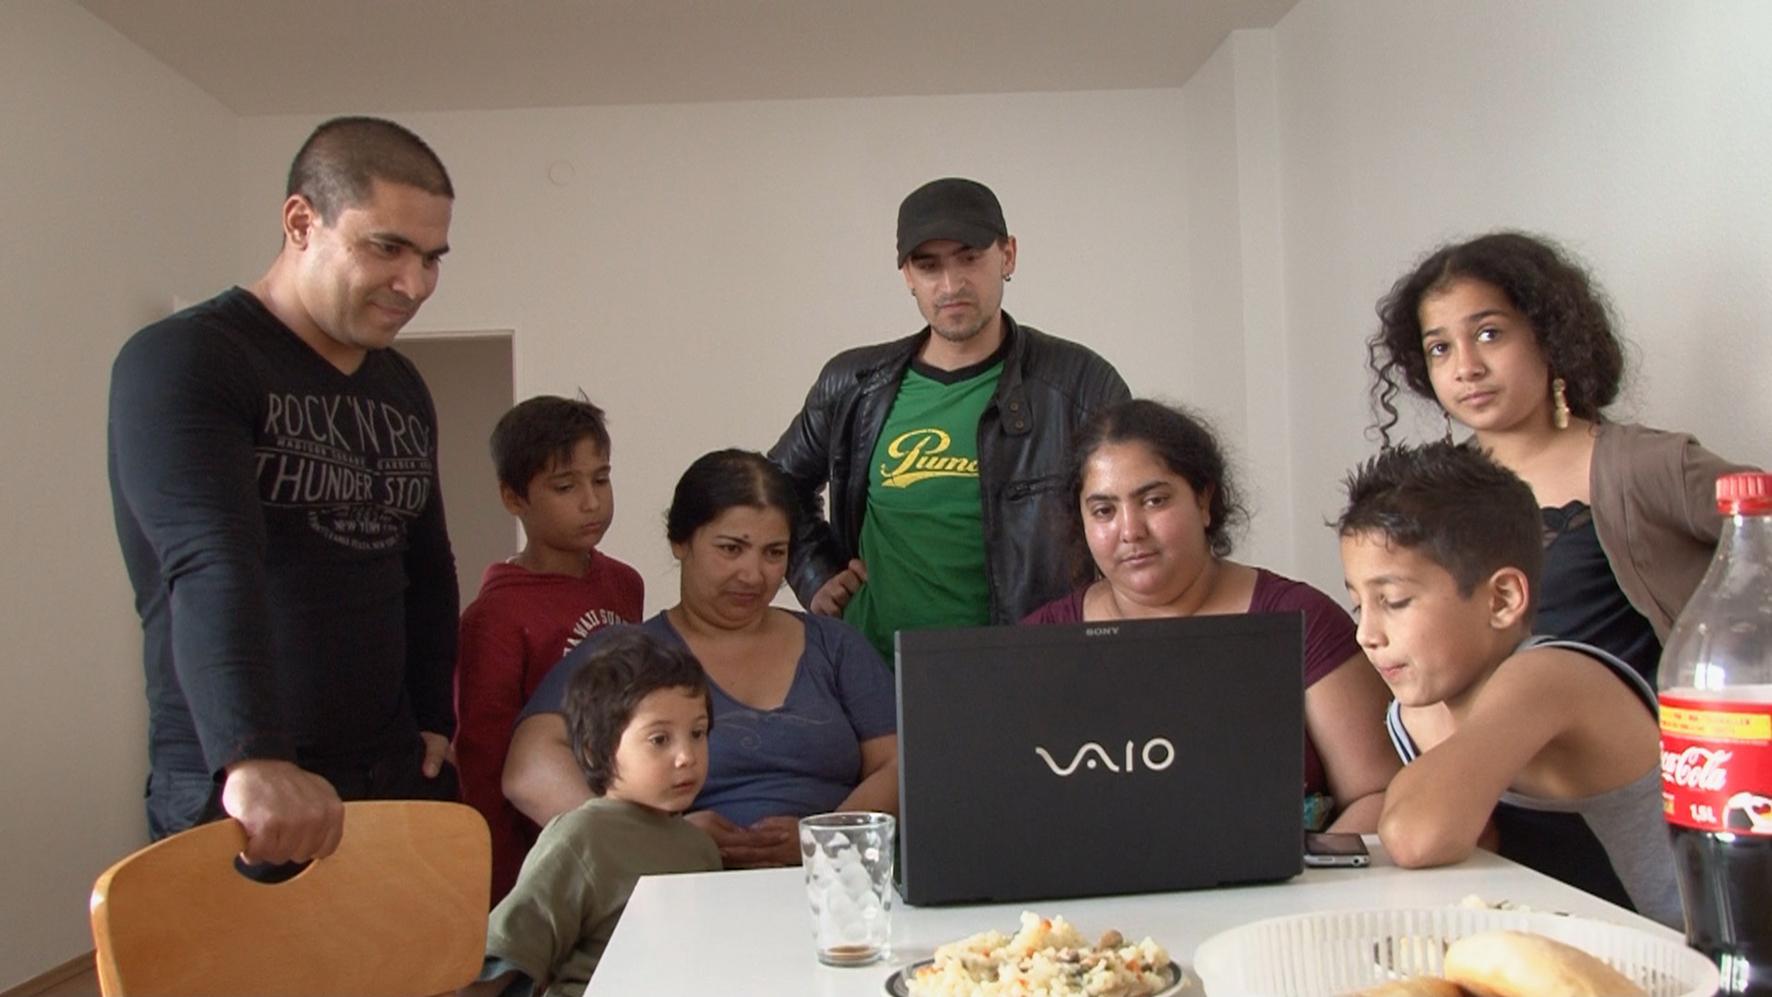 Colorado e sua família assistem a cenas do filme